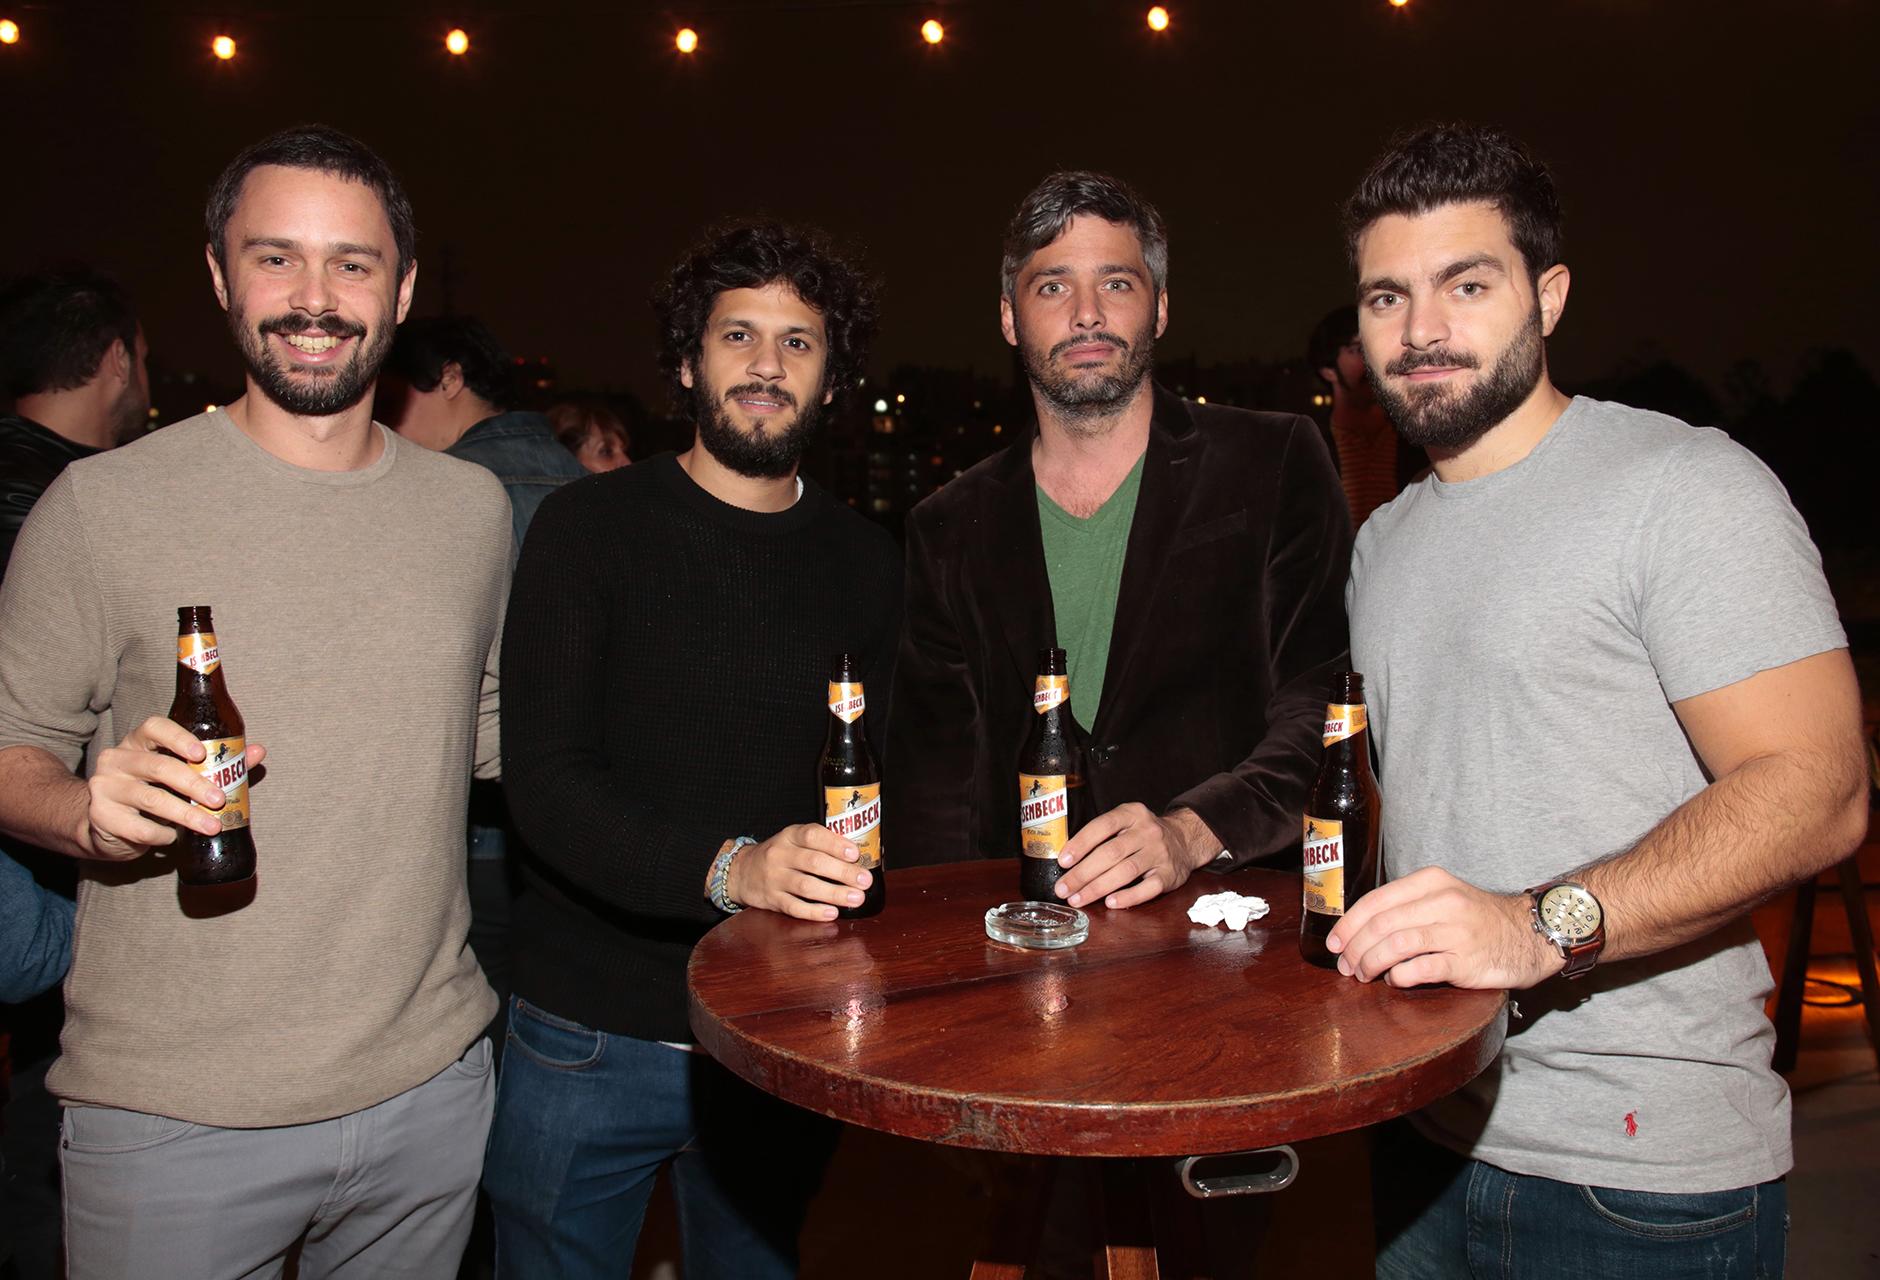 Isenbeck, la cerveza elaborada a base de 100% malta, sin aditivos ni conservantes, lanzó al mercado dos nuevas variedades, Dark y Märzen Bier,las cuales continúan resaltando los atributos y calidad de su cerveza. El equipo de Isenbeck estuvo presente en el gran evento